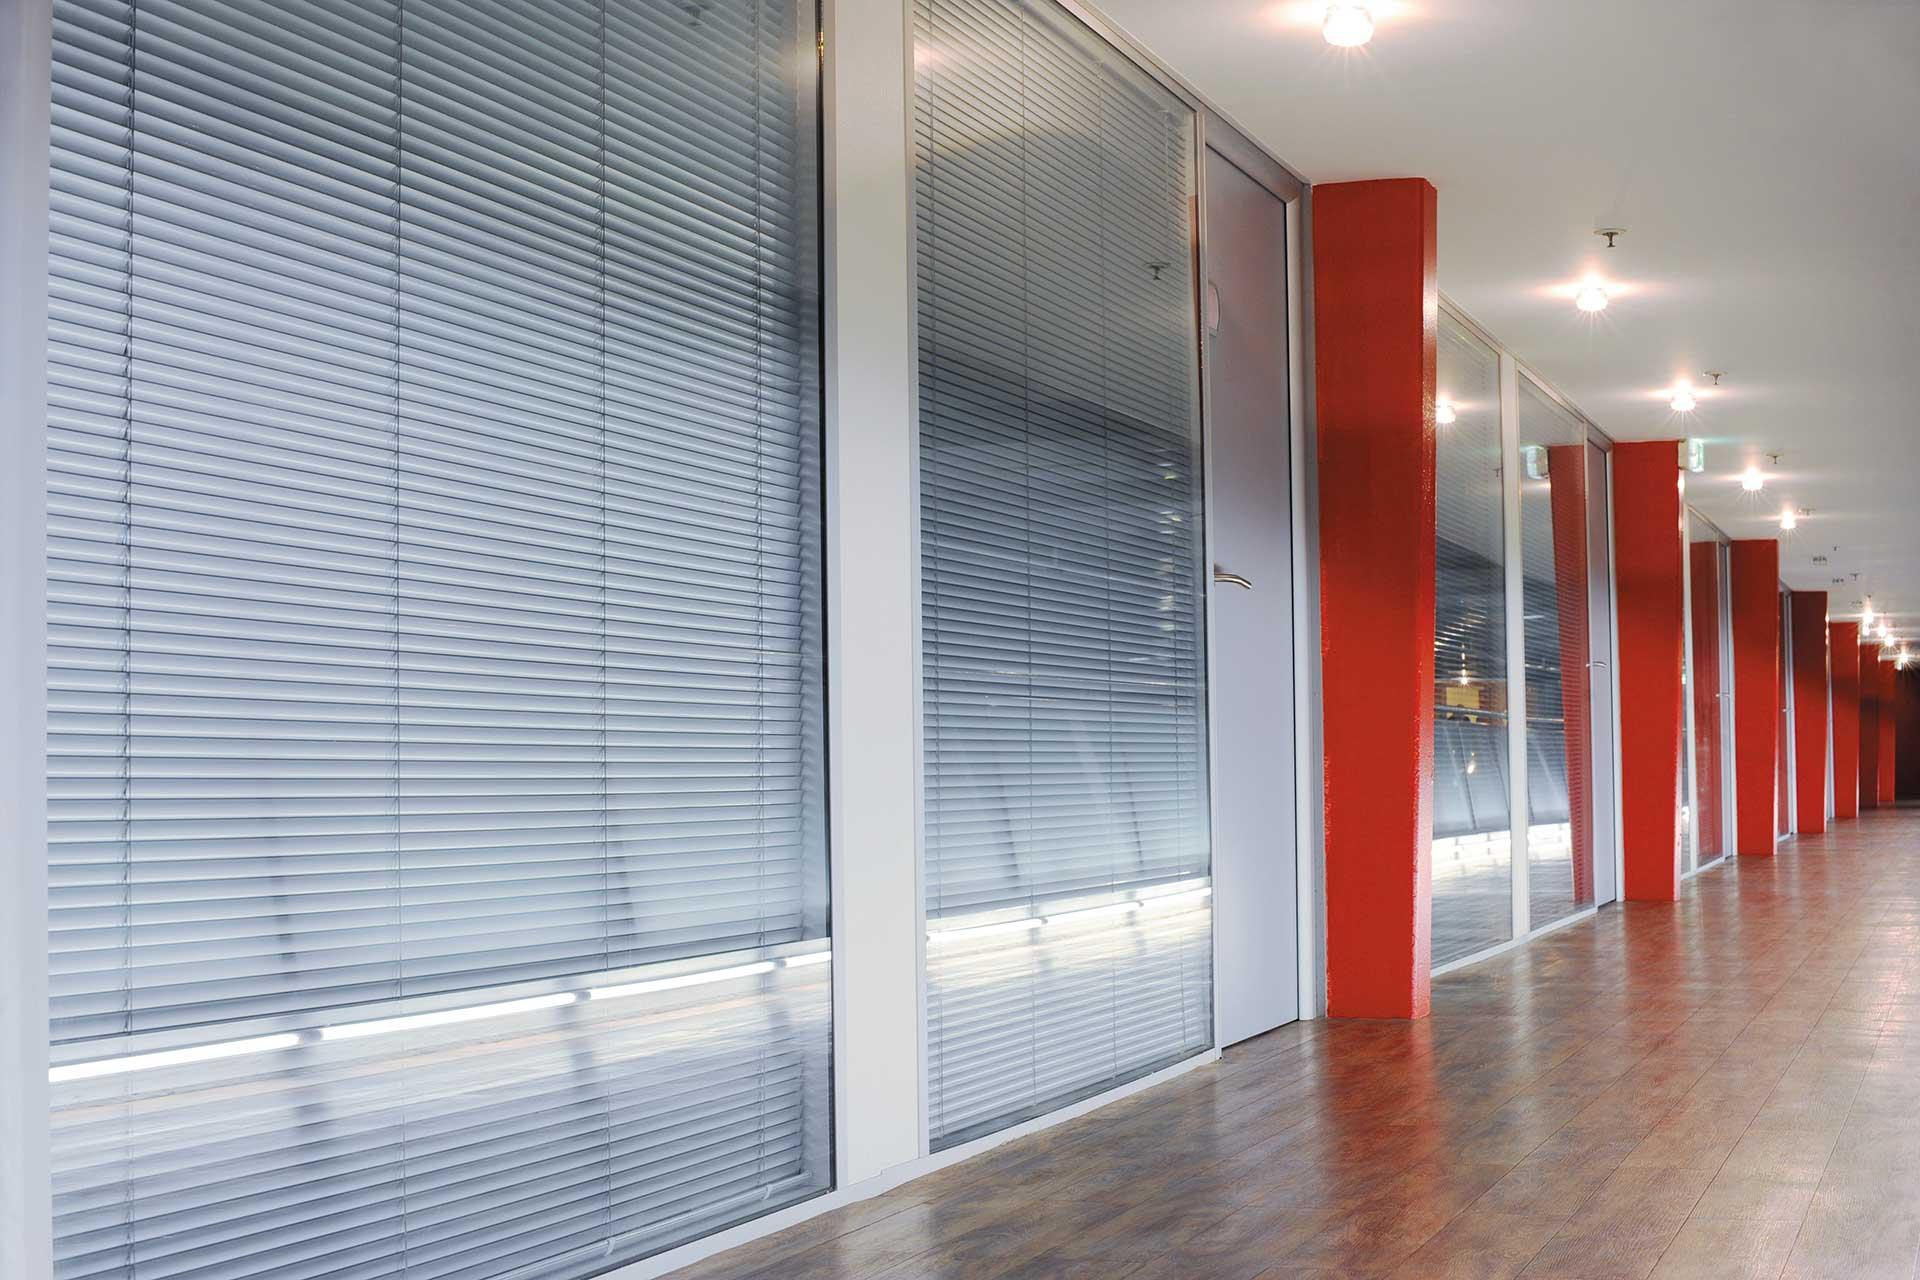 Cloisons amovibles vitrées toute hauteur avec stores vénitiens intégrés